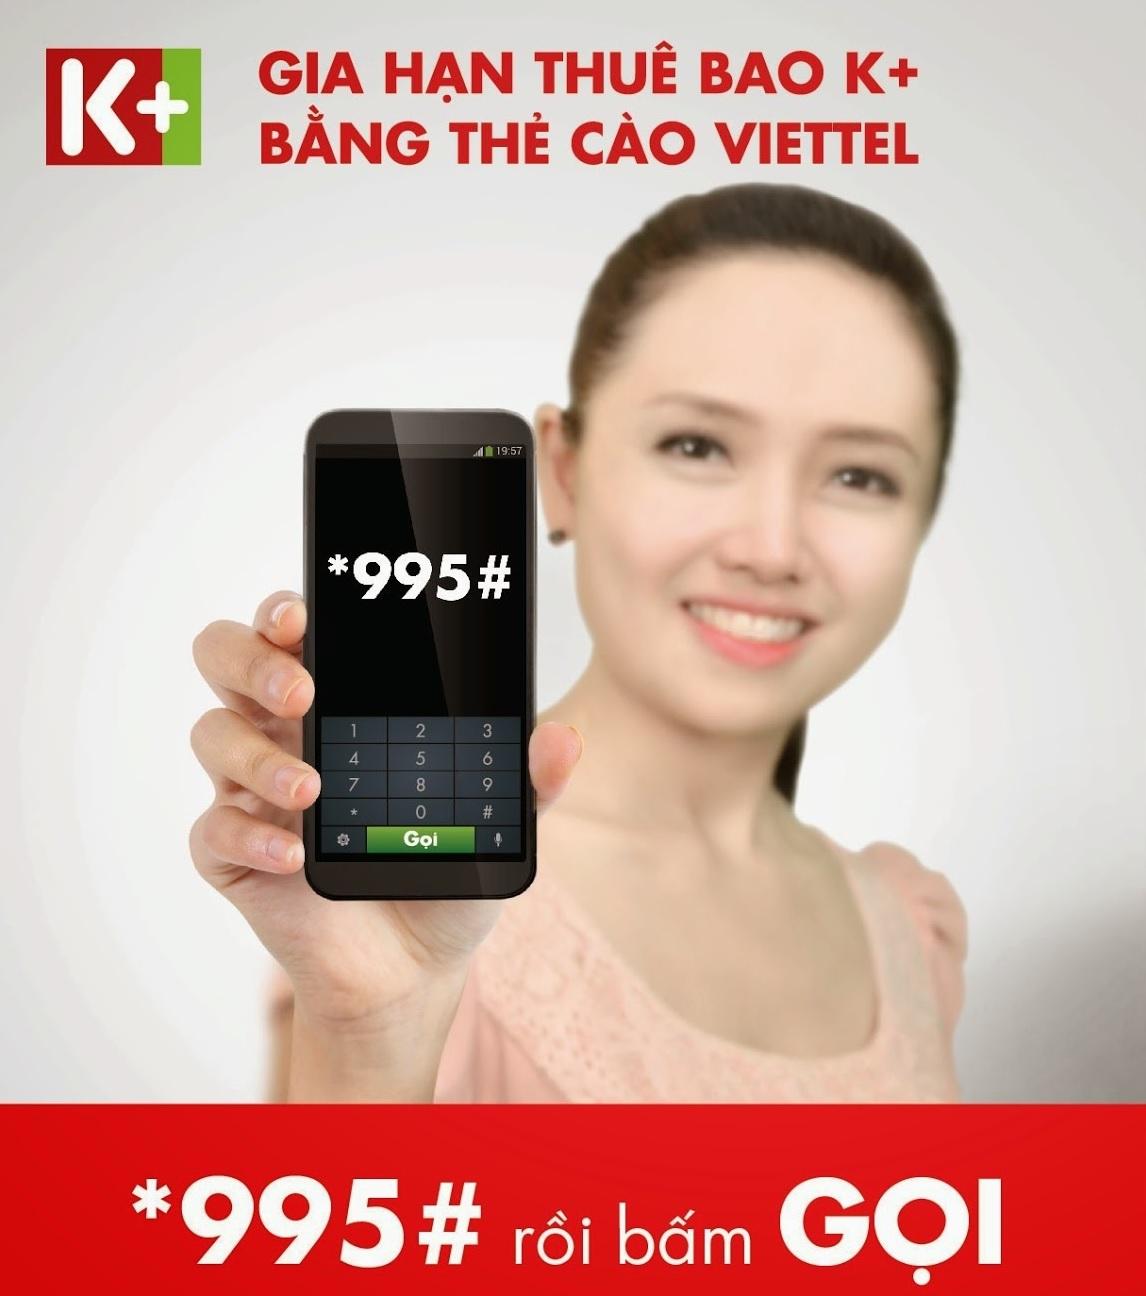 Gia hạn thuê bao K+ bằng thẻ cào điện thoại Viettel *995#